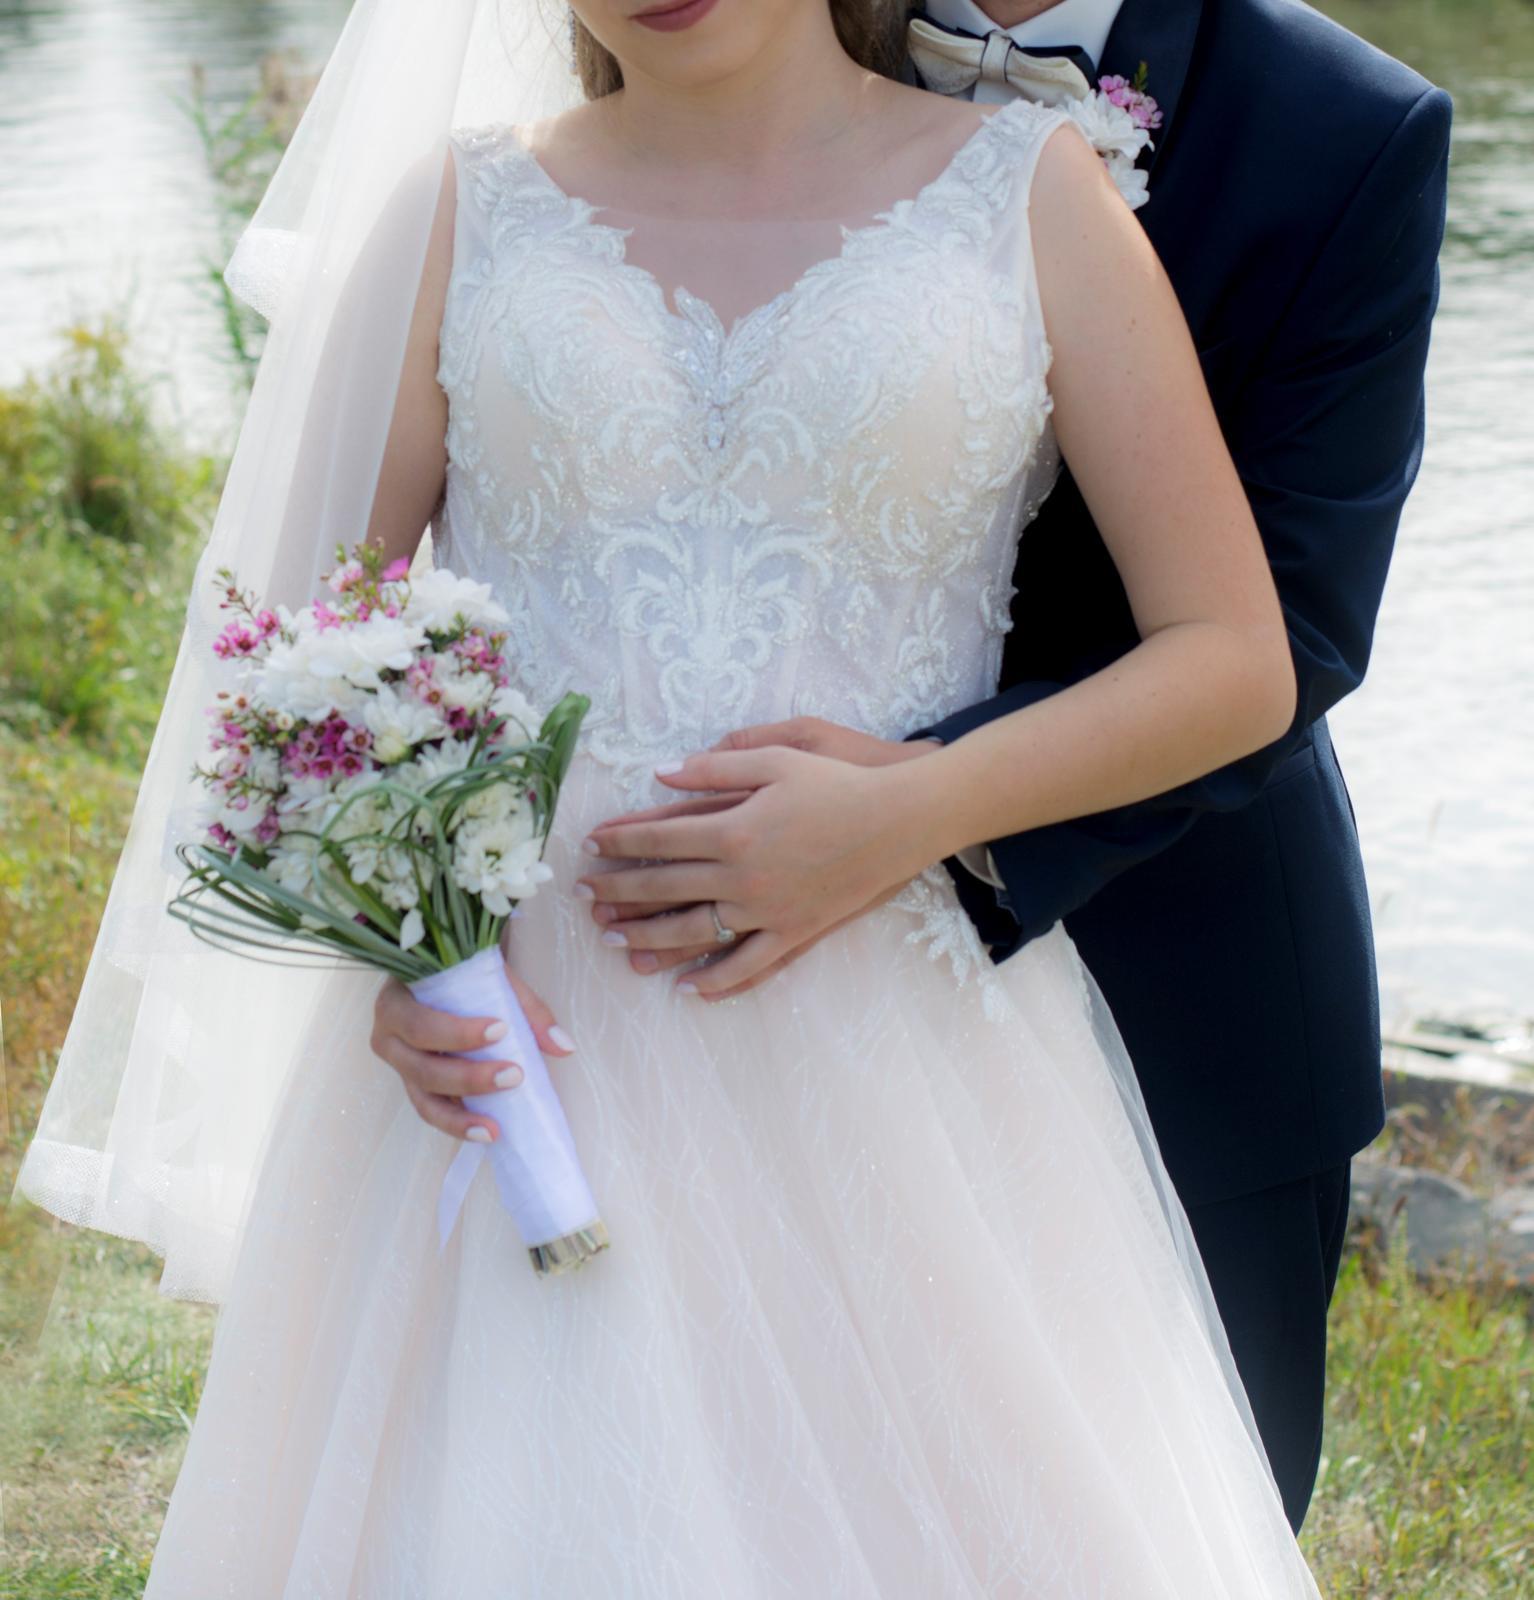 princeznovske svadobné šaty - Obrázok č. 4